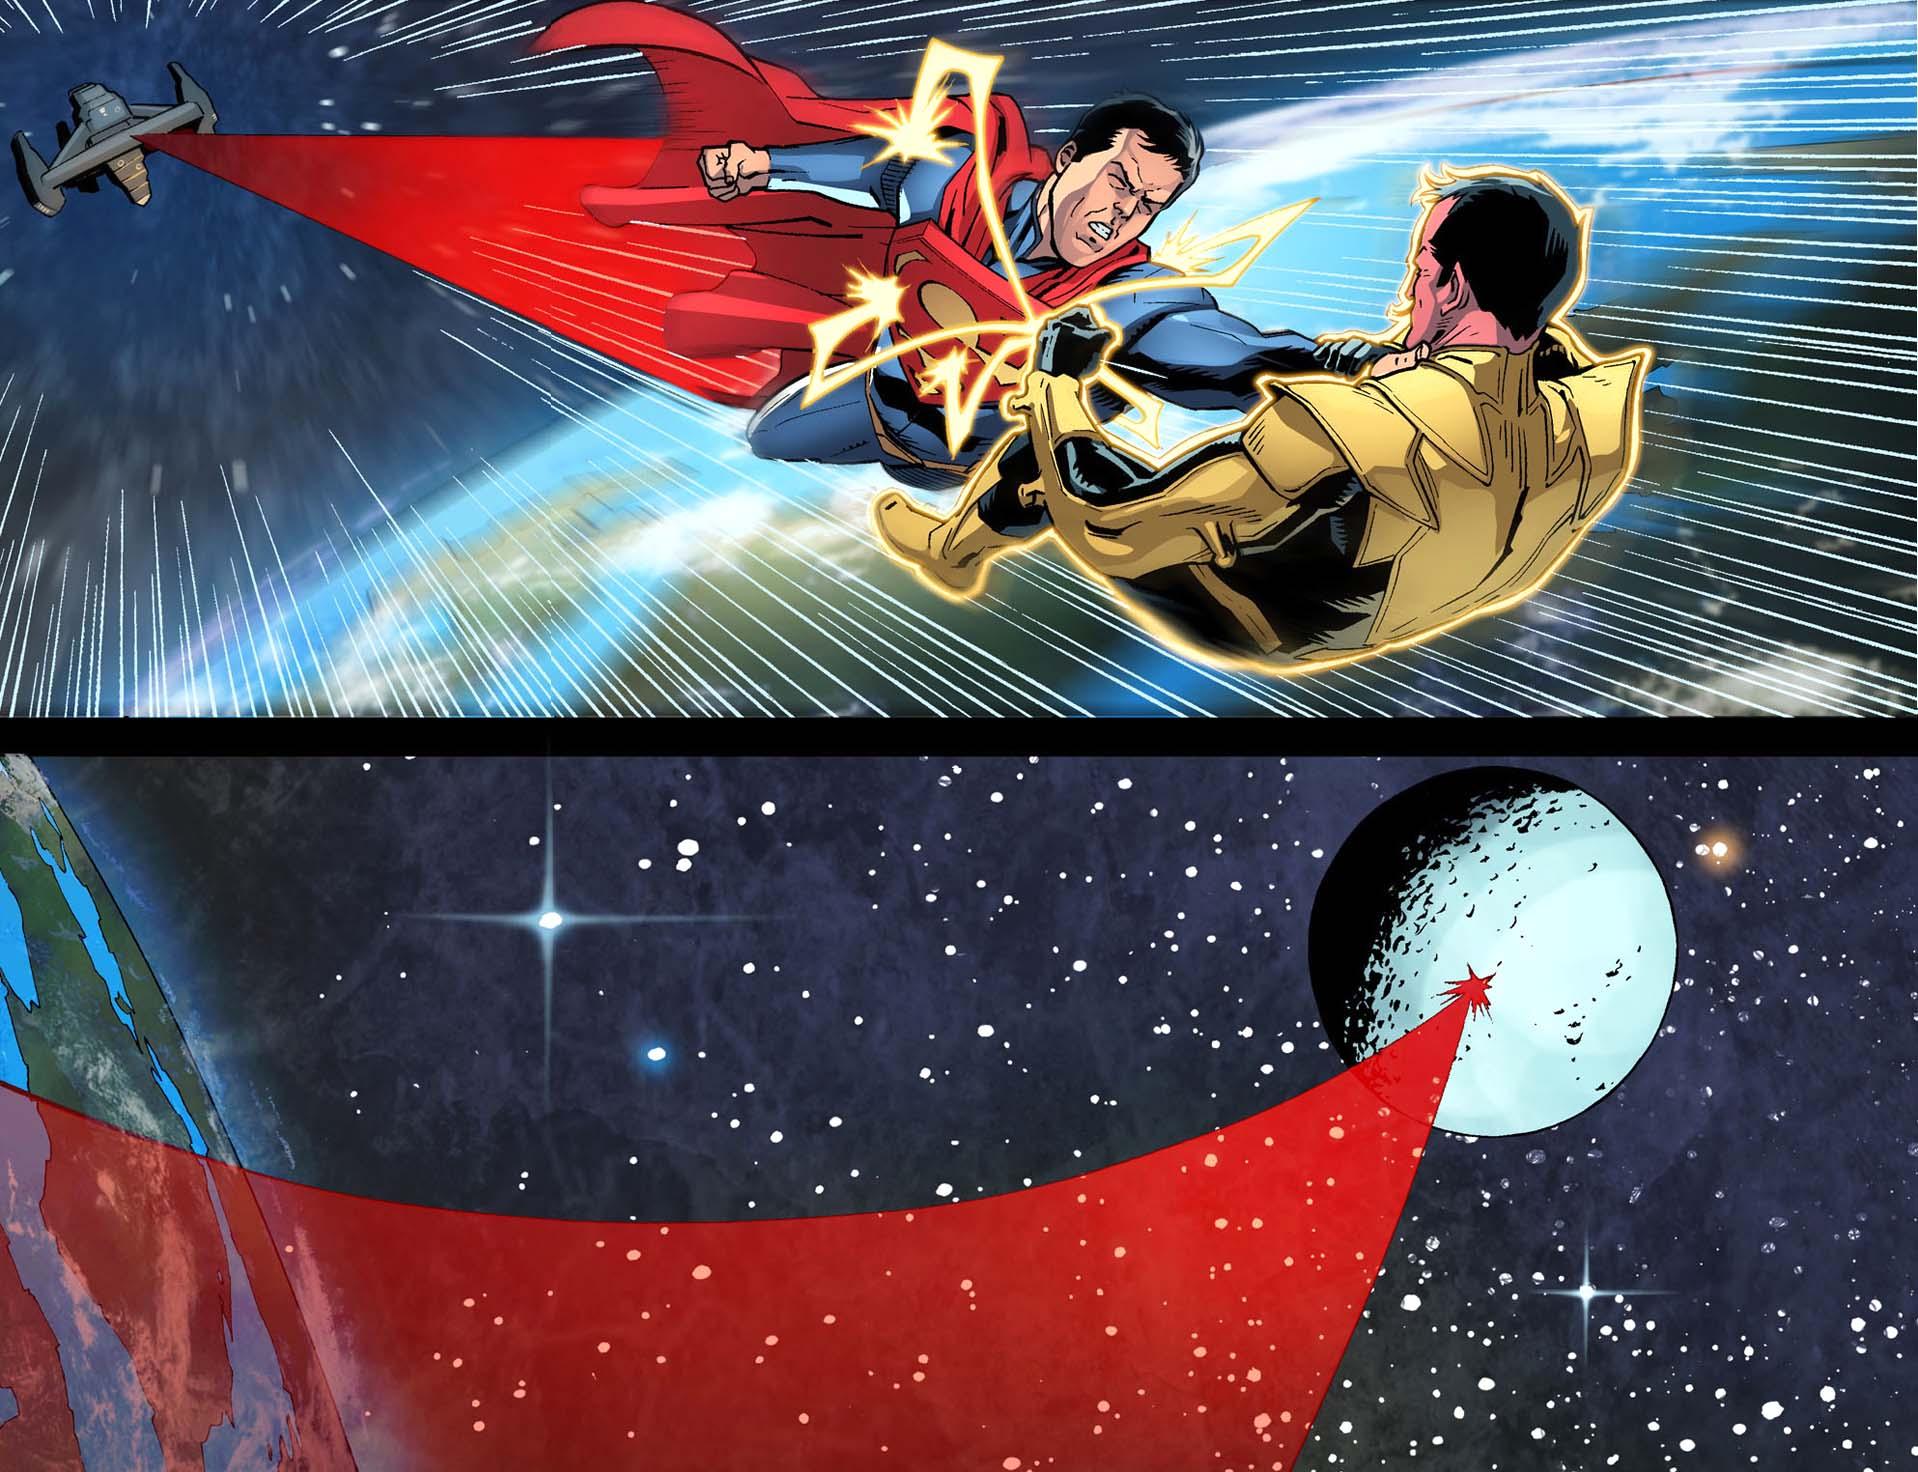 superman attacks sinestro 2